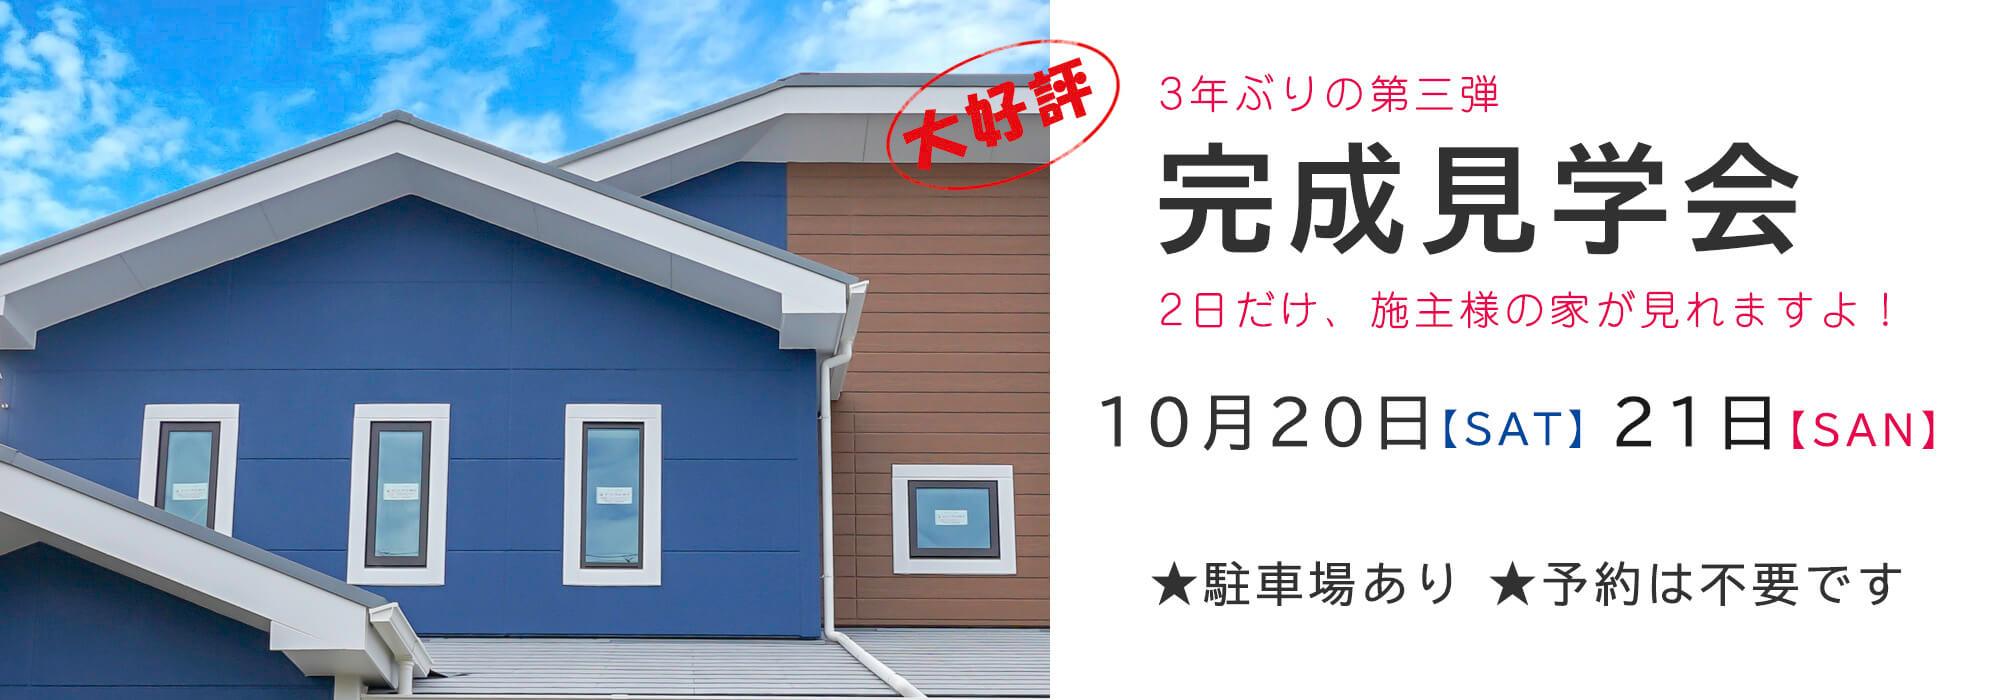 枚方市内で新築一戸建て(注文住宅)の完成見学会を開催